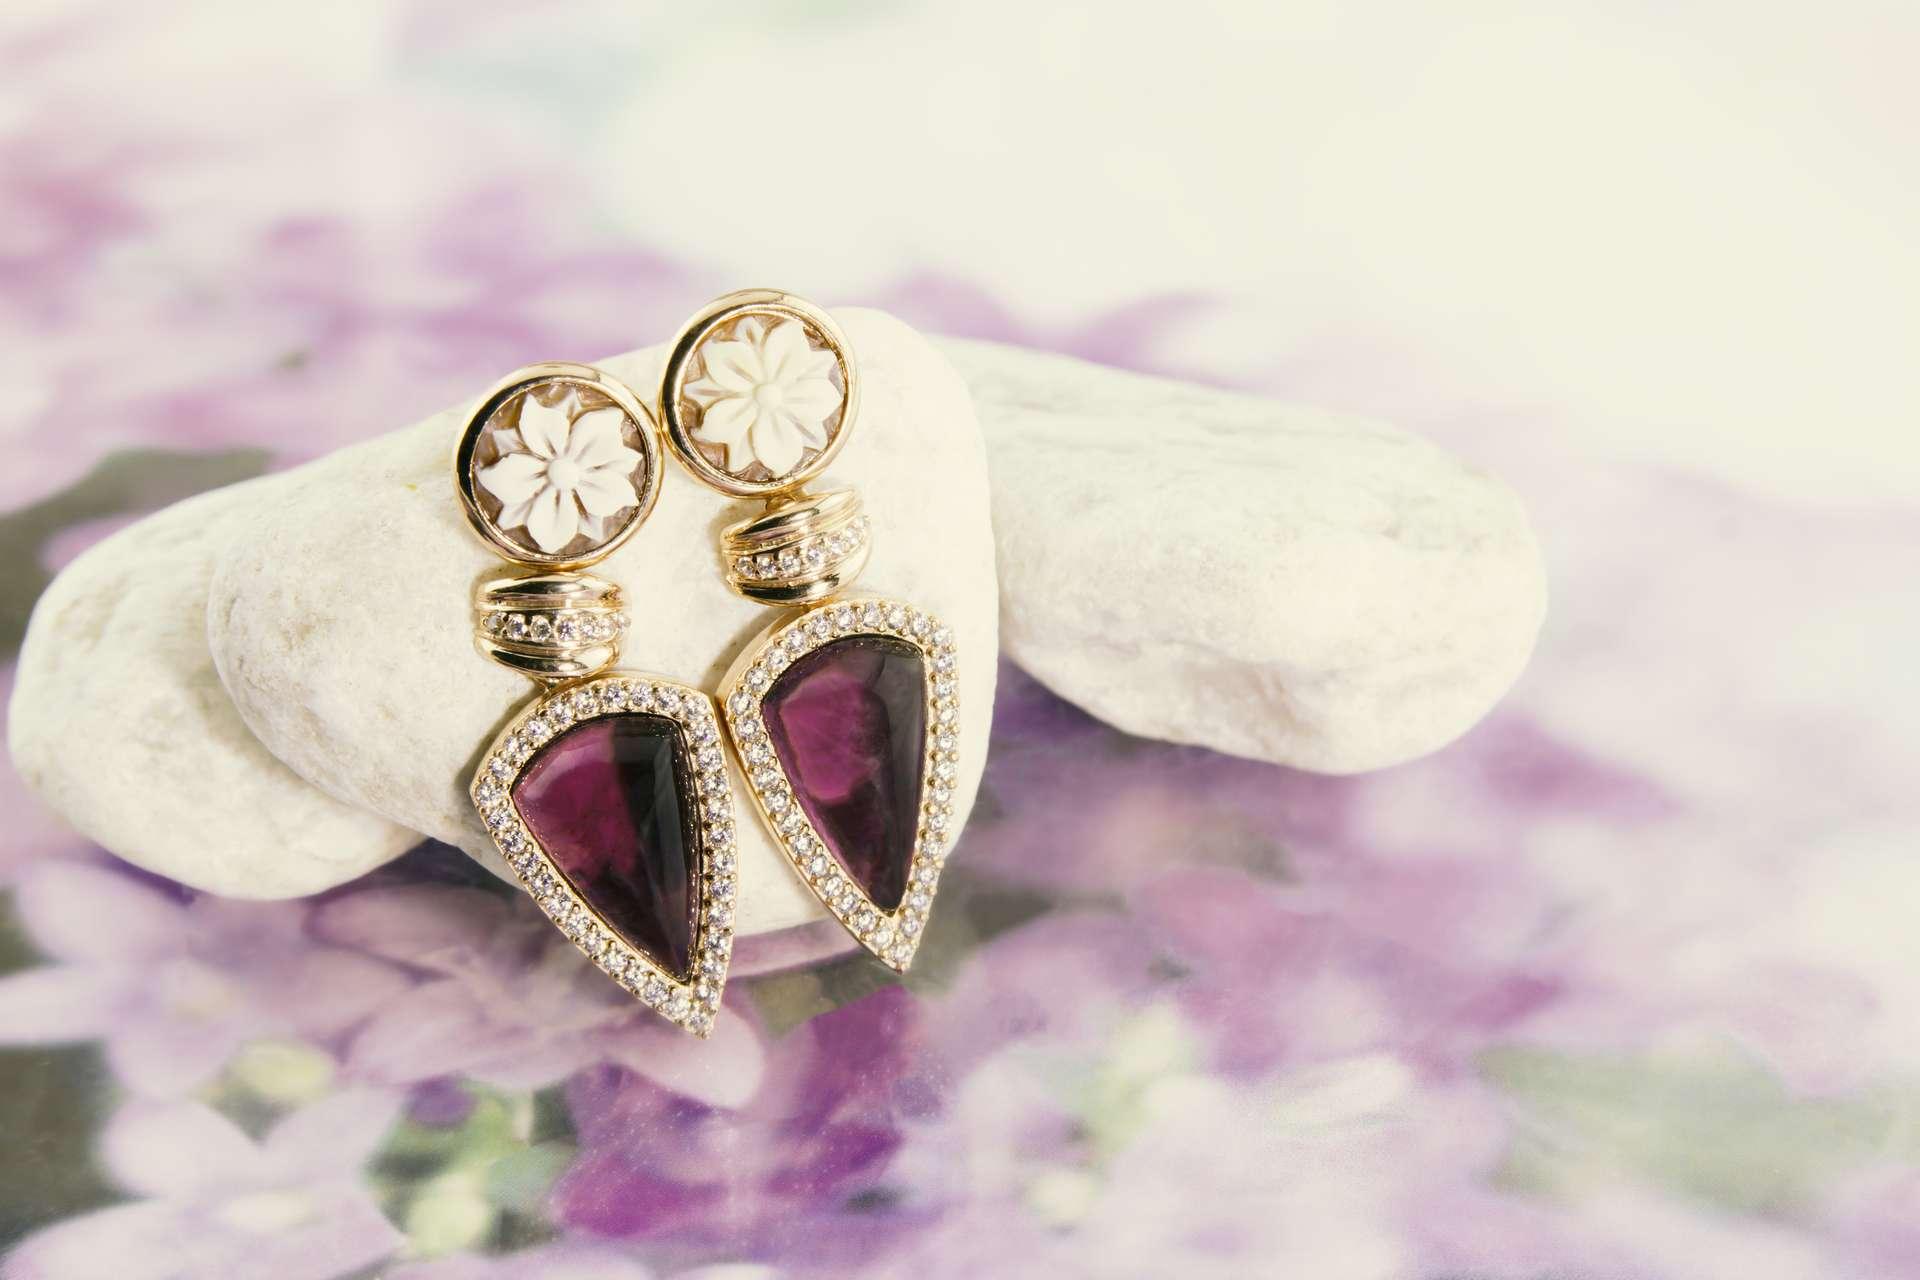 Gaetano Vitiello Jewelry Presenta Collezione Rugiada | Oroarezzo